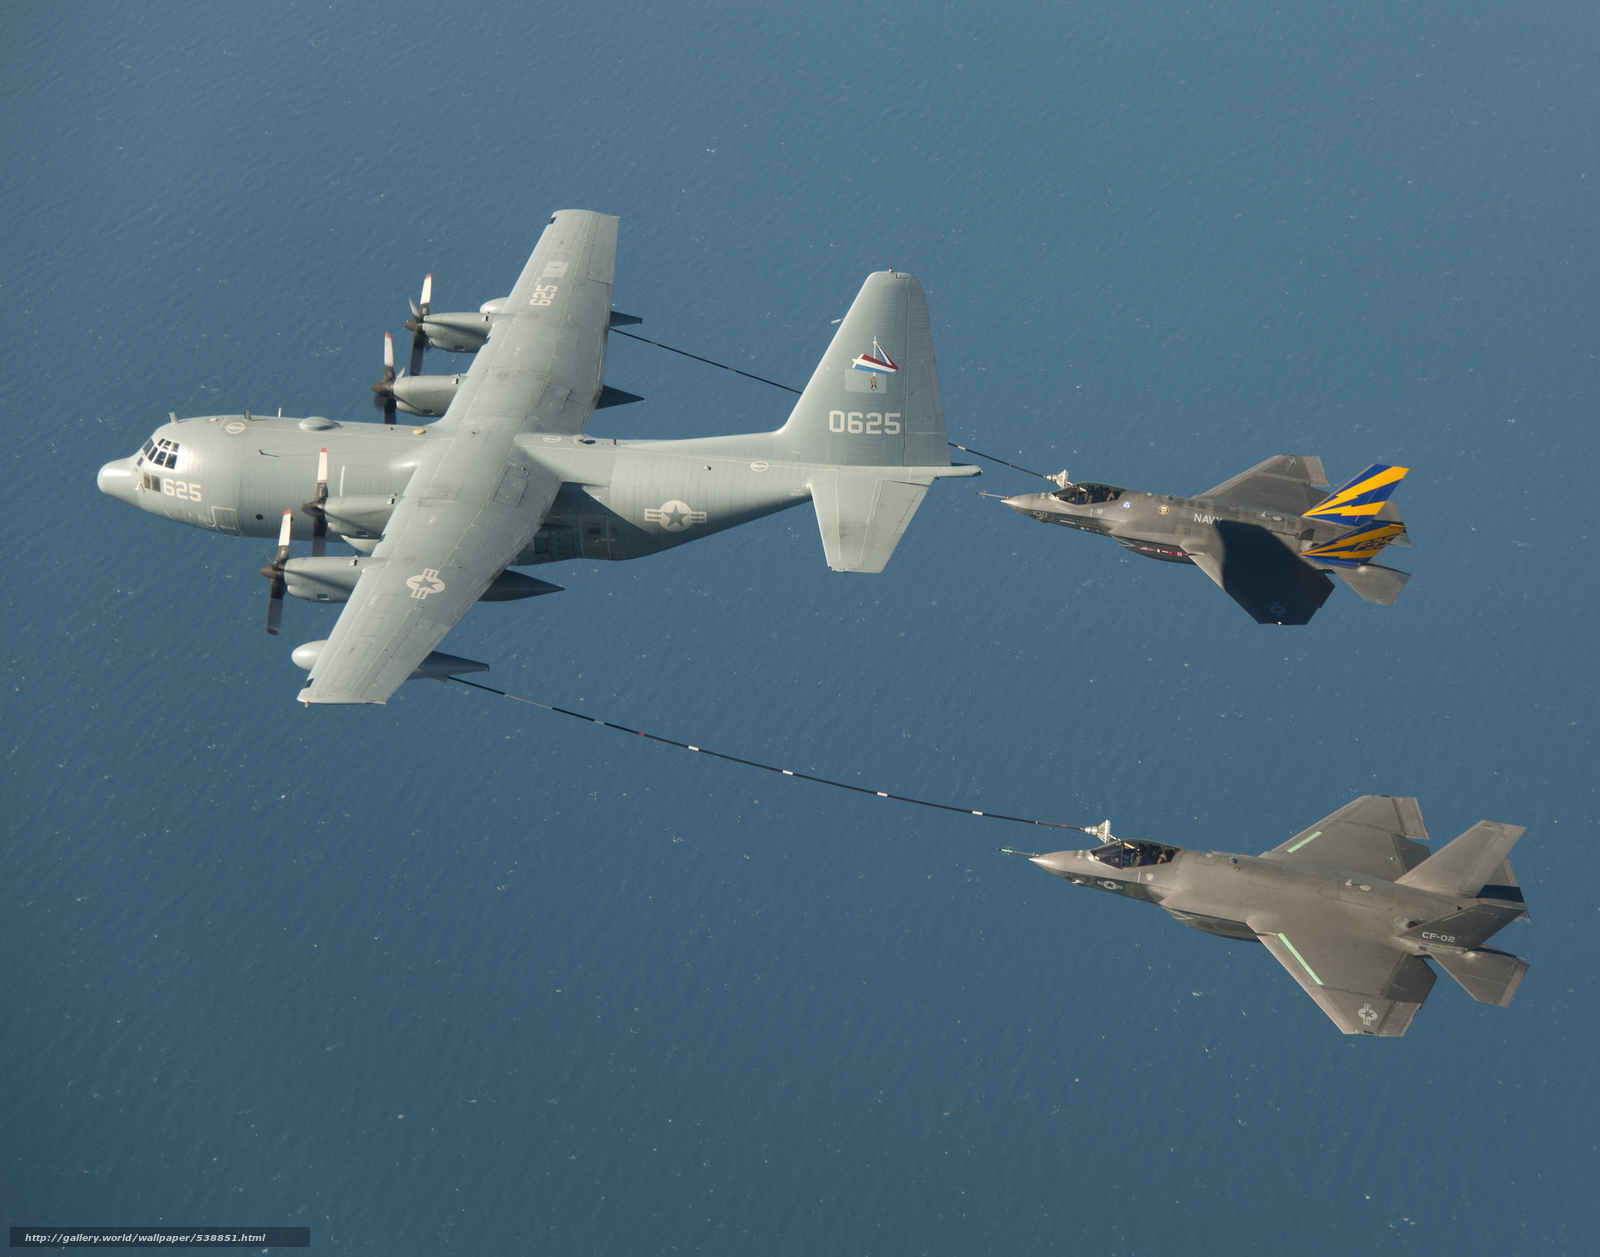 Скачать обои F-35C,  Refueling with,  KC-130 бесплатно для рабочего стола в разрешении 3000x2357 — картинка №538851